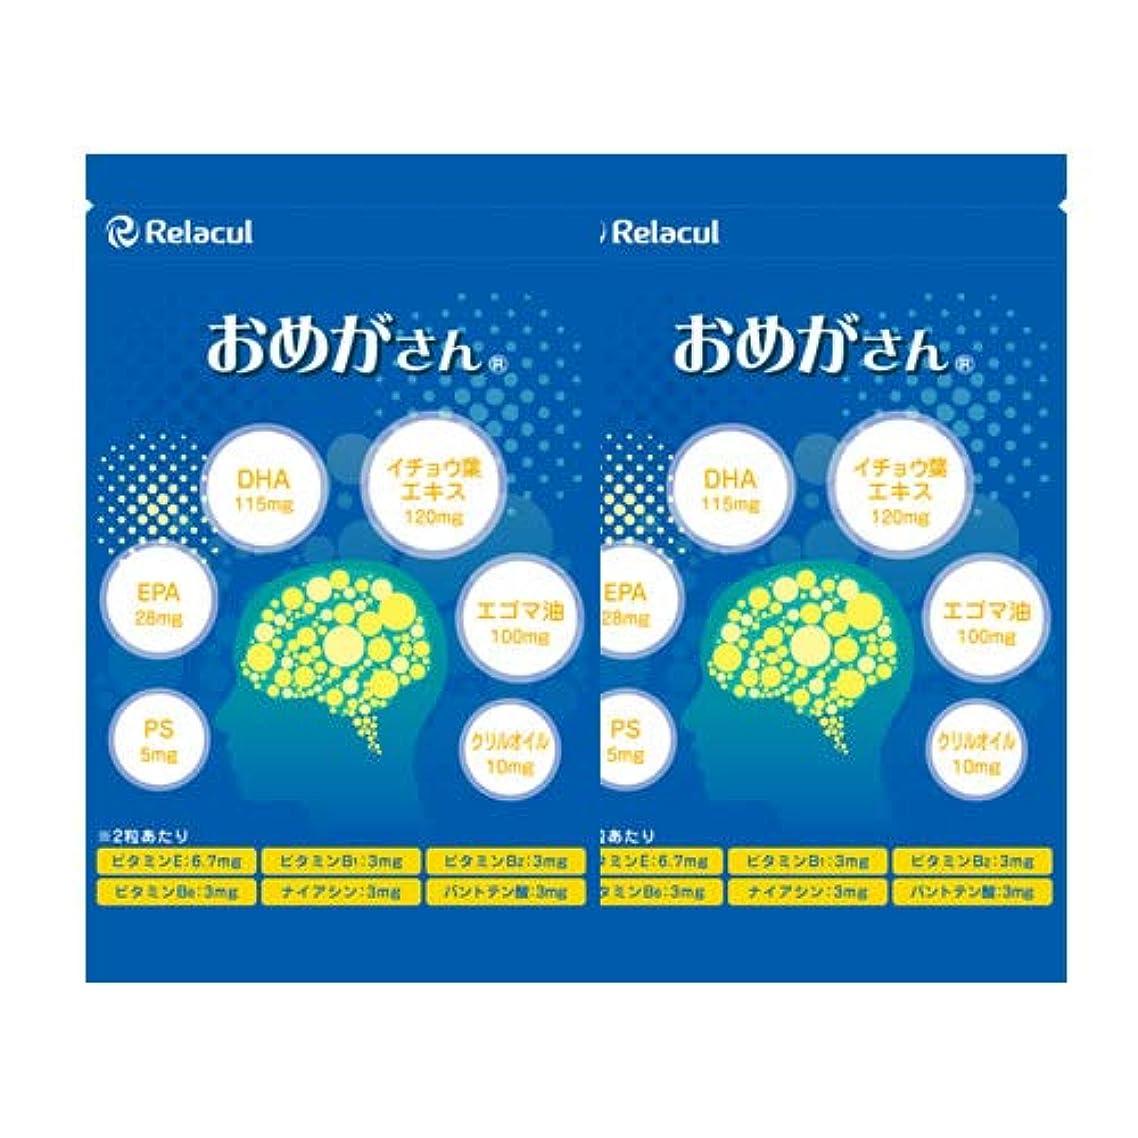 お母さん無駄だ複製オメガ3脂肪酸 DHA EPA サプリ (日本製) うっかり 対策 サプリメント [偏った食生活に] フィッシュオイル イチョウ葉エキス エゴマ油 クリルオイル [おめがさん 2袋セット] 120粒入 (約2か月分)